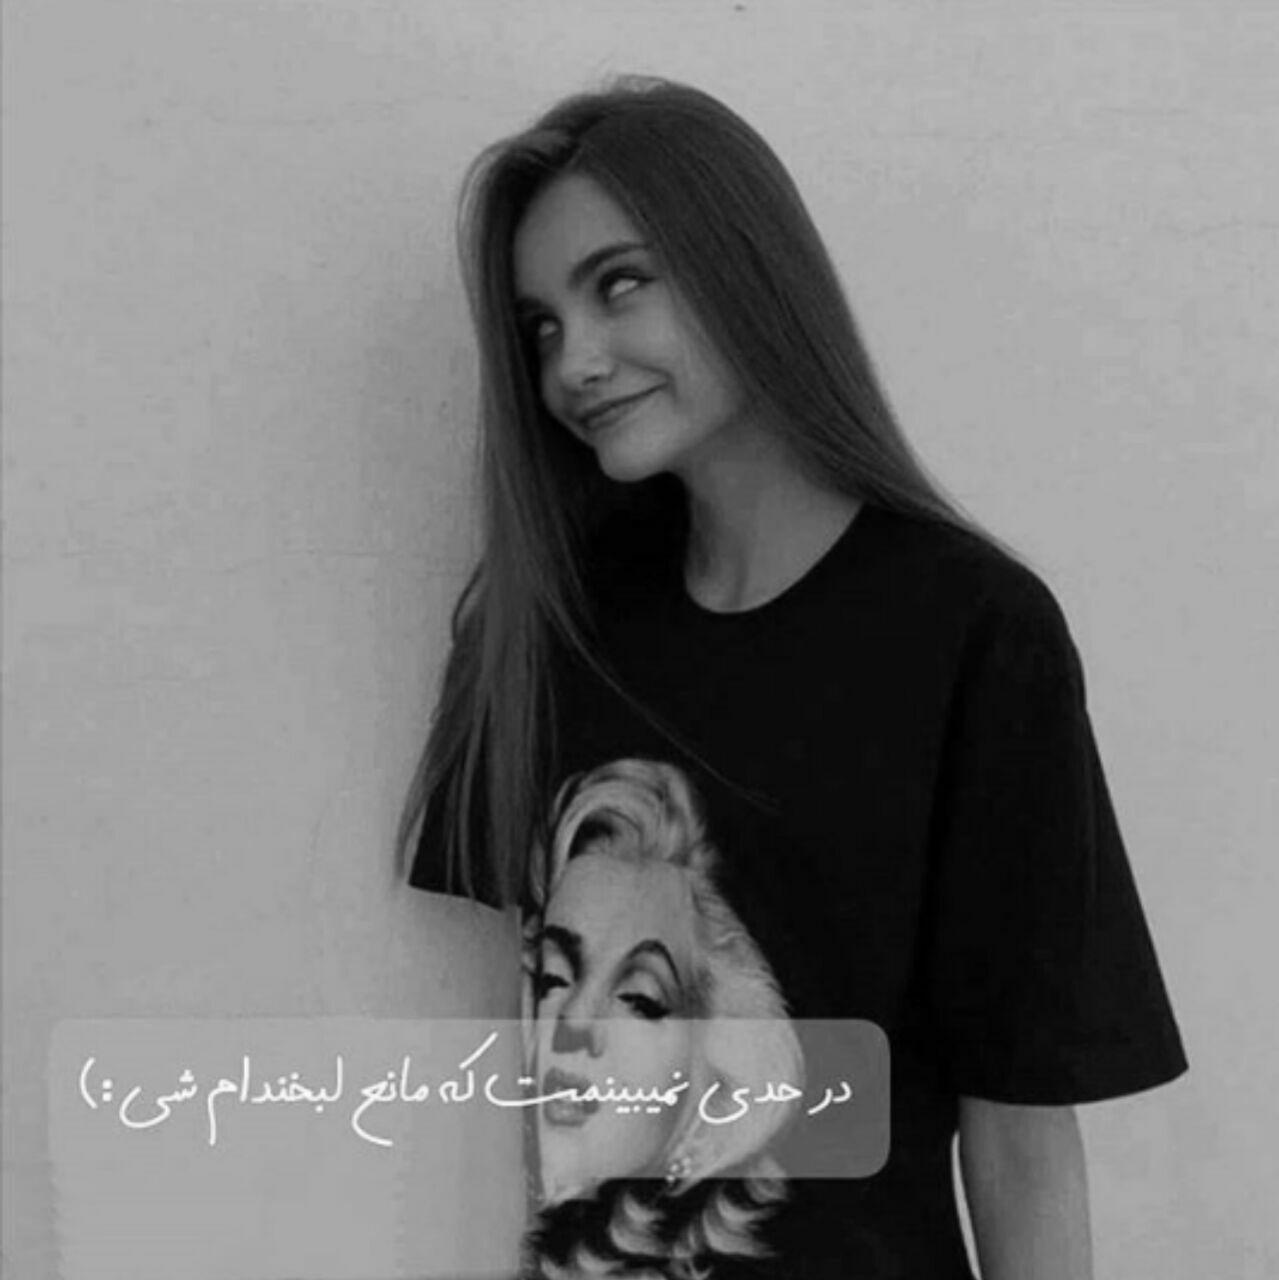 عکس پروفایل دخترونه شاخ 1